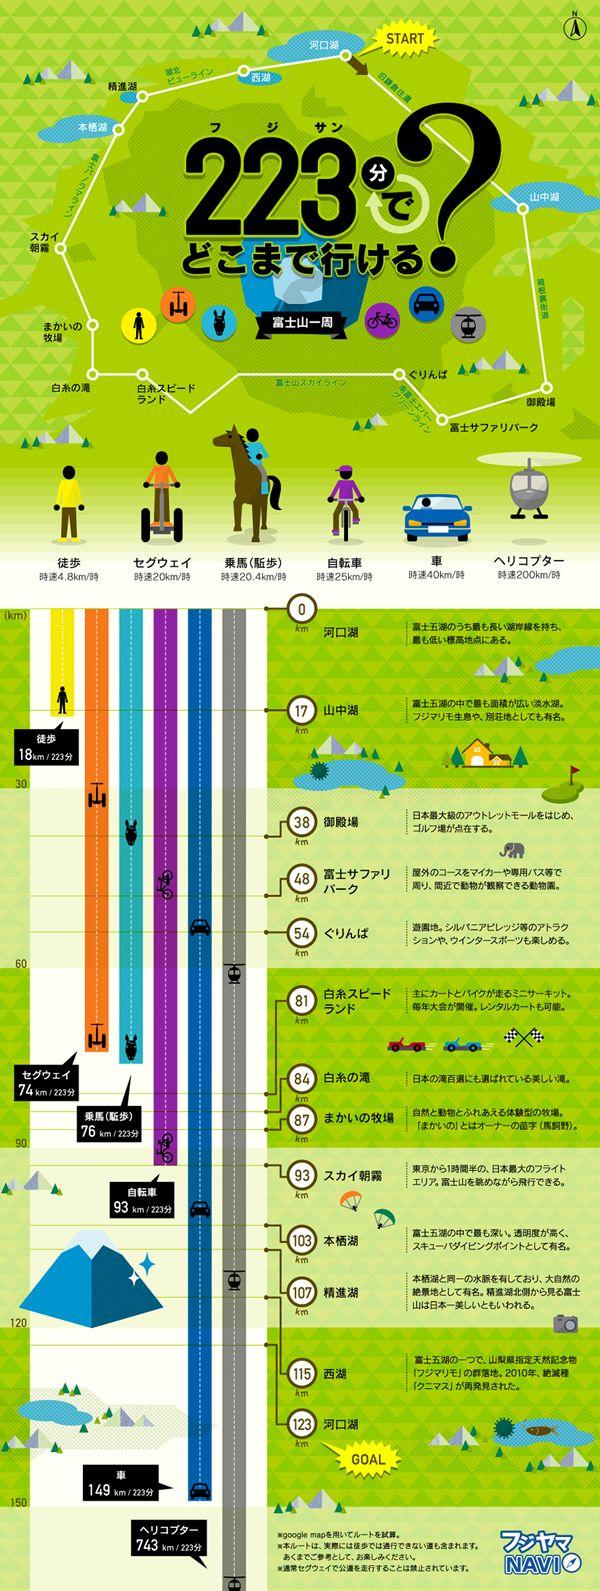 徒歩、セグウェイ、乗馬、自転車、車、ヘリコプターで富士山を一周した場合、223分でそれぞれどこまでたどり着けるのかを試算したインフォグラフィ...